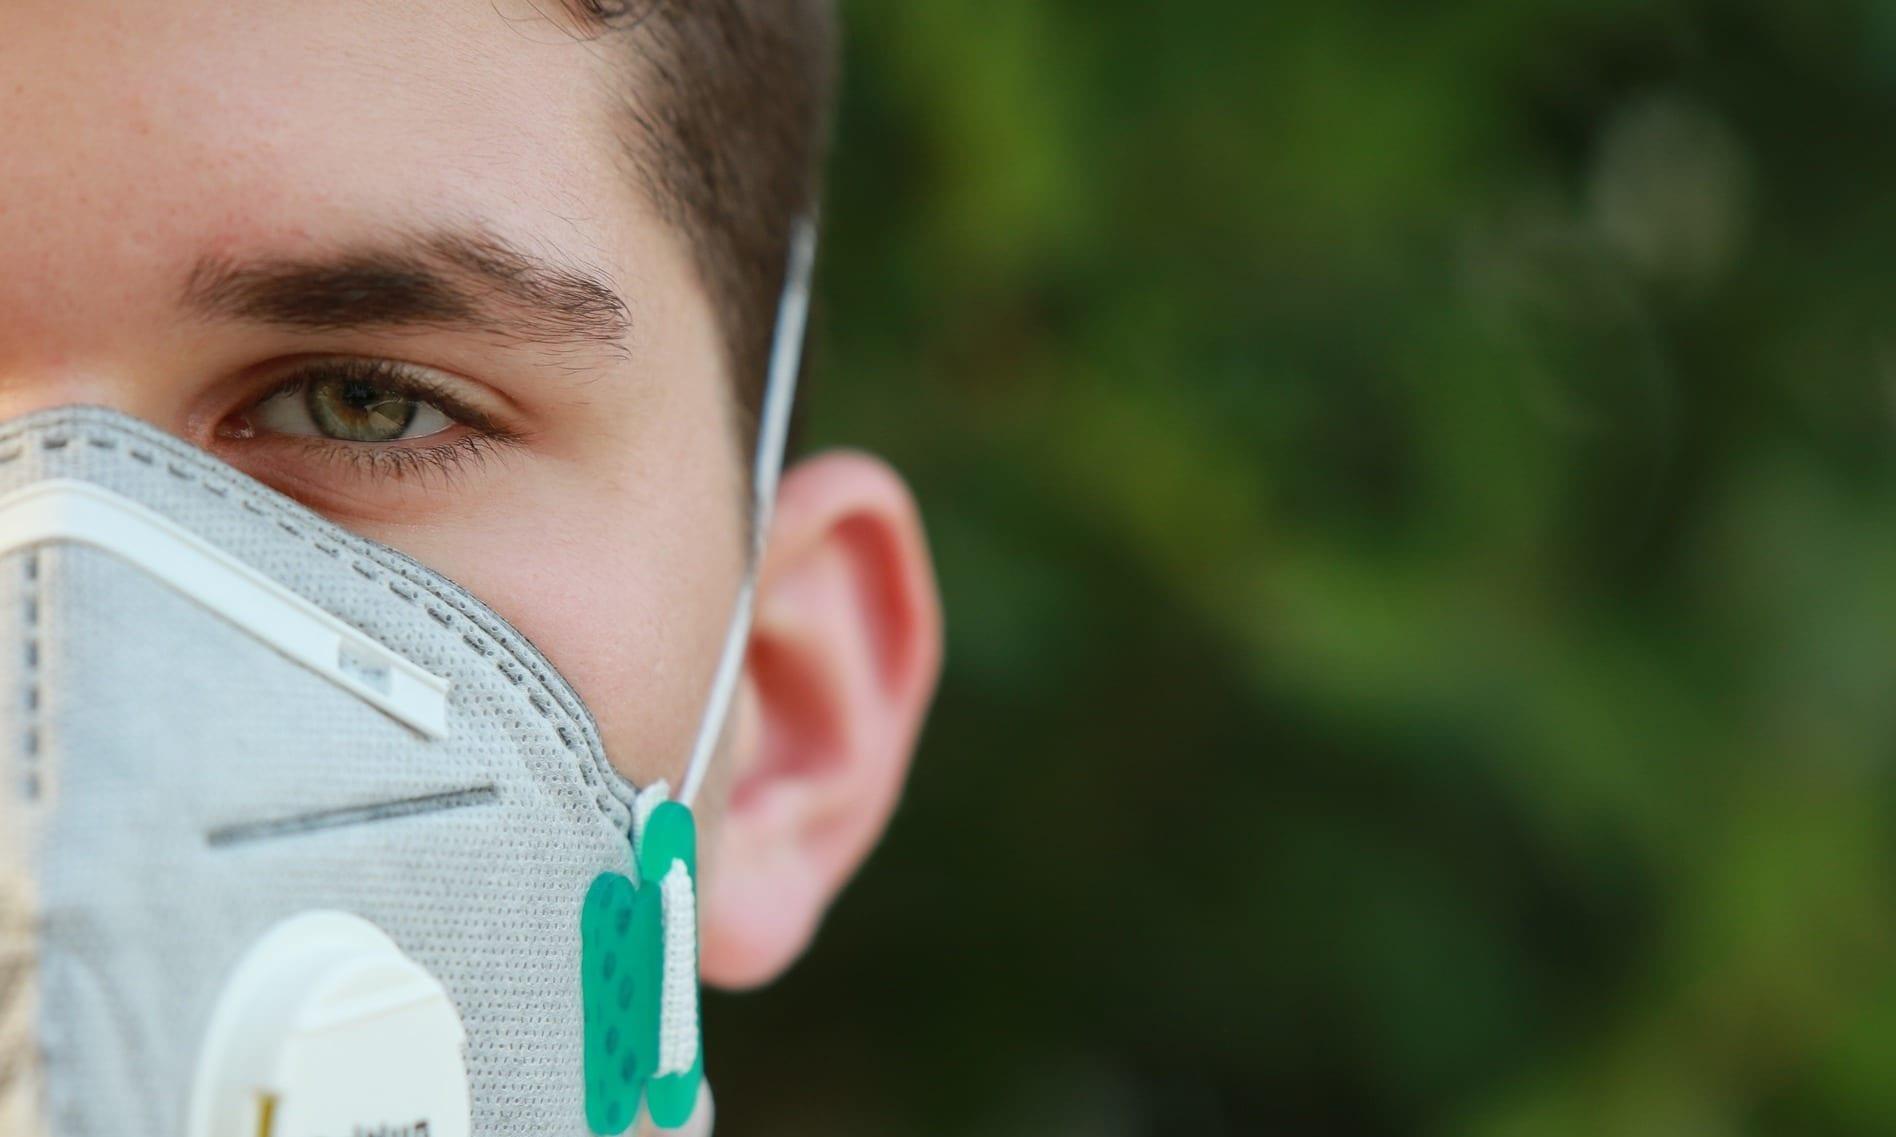 MNS-Maske